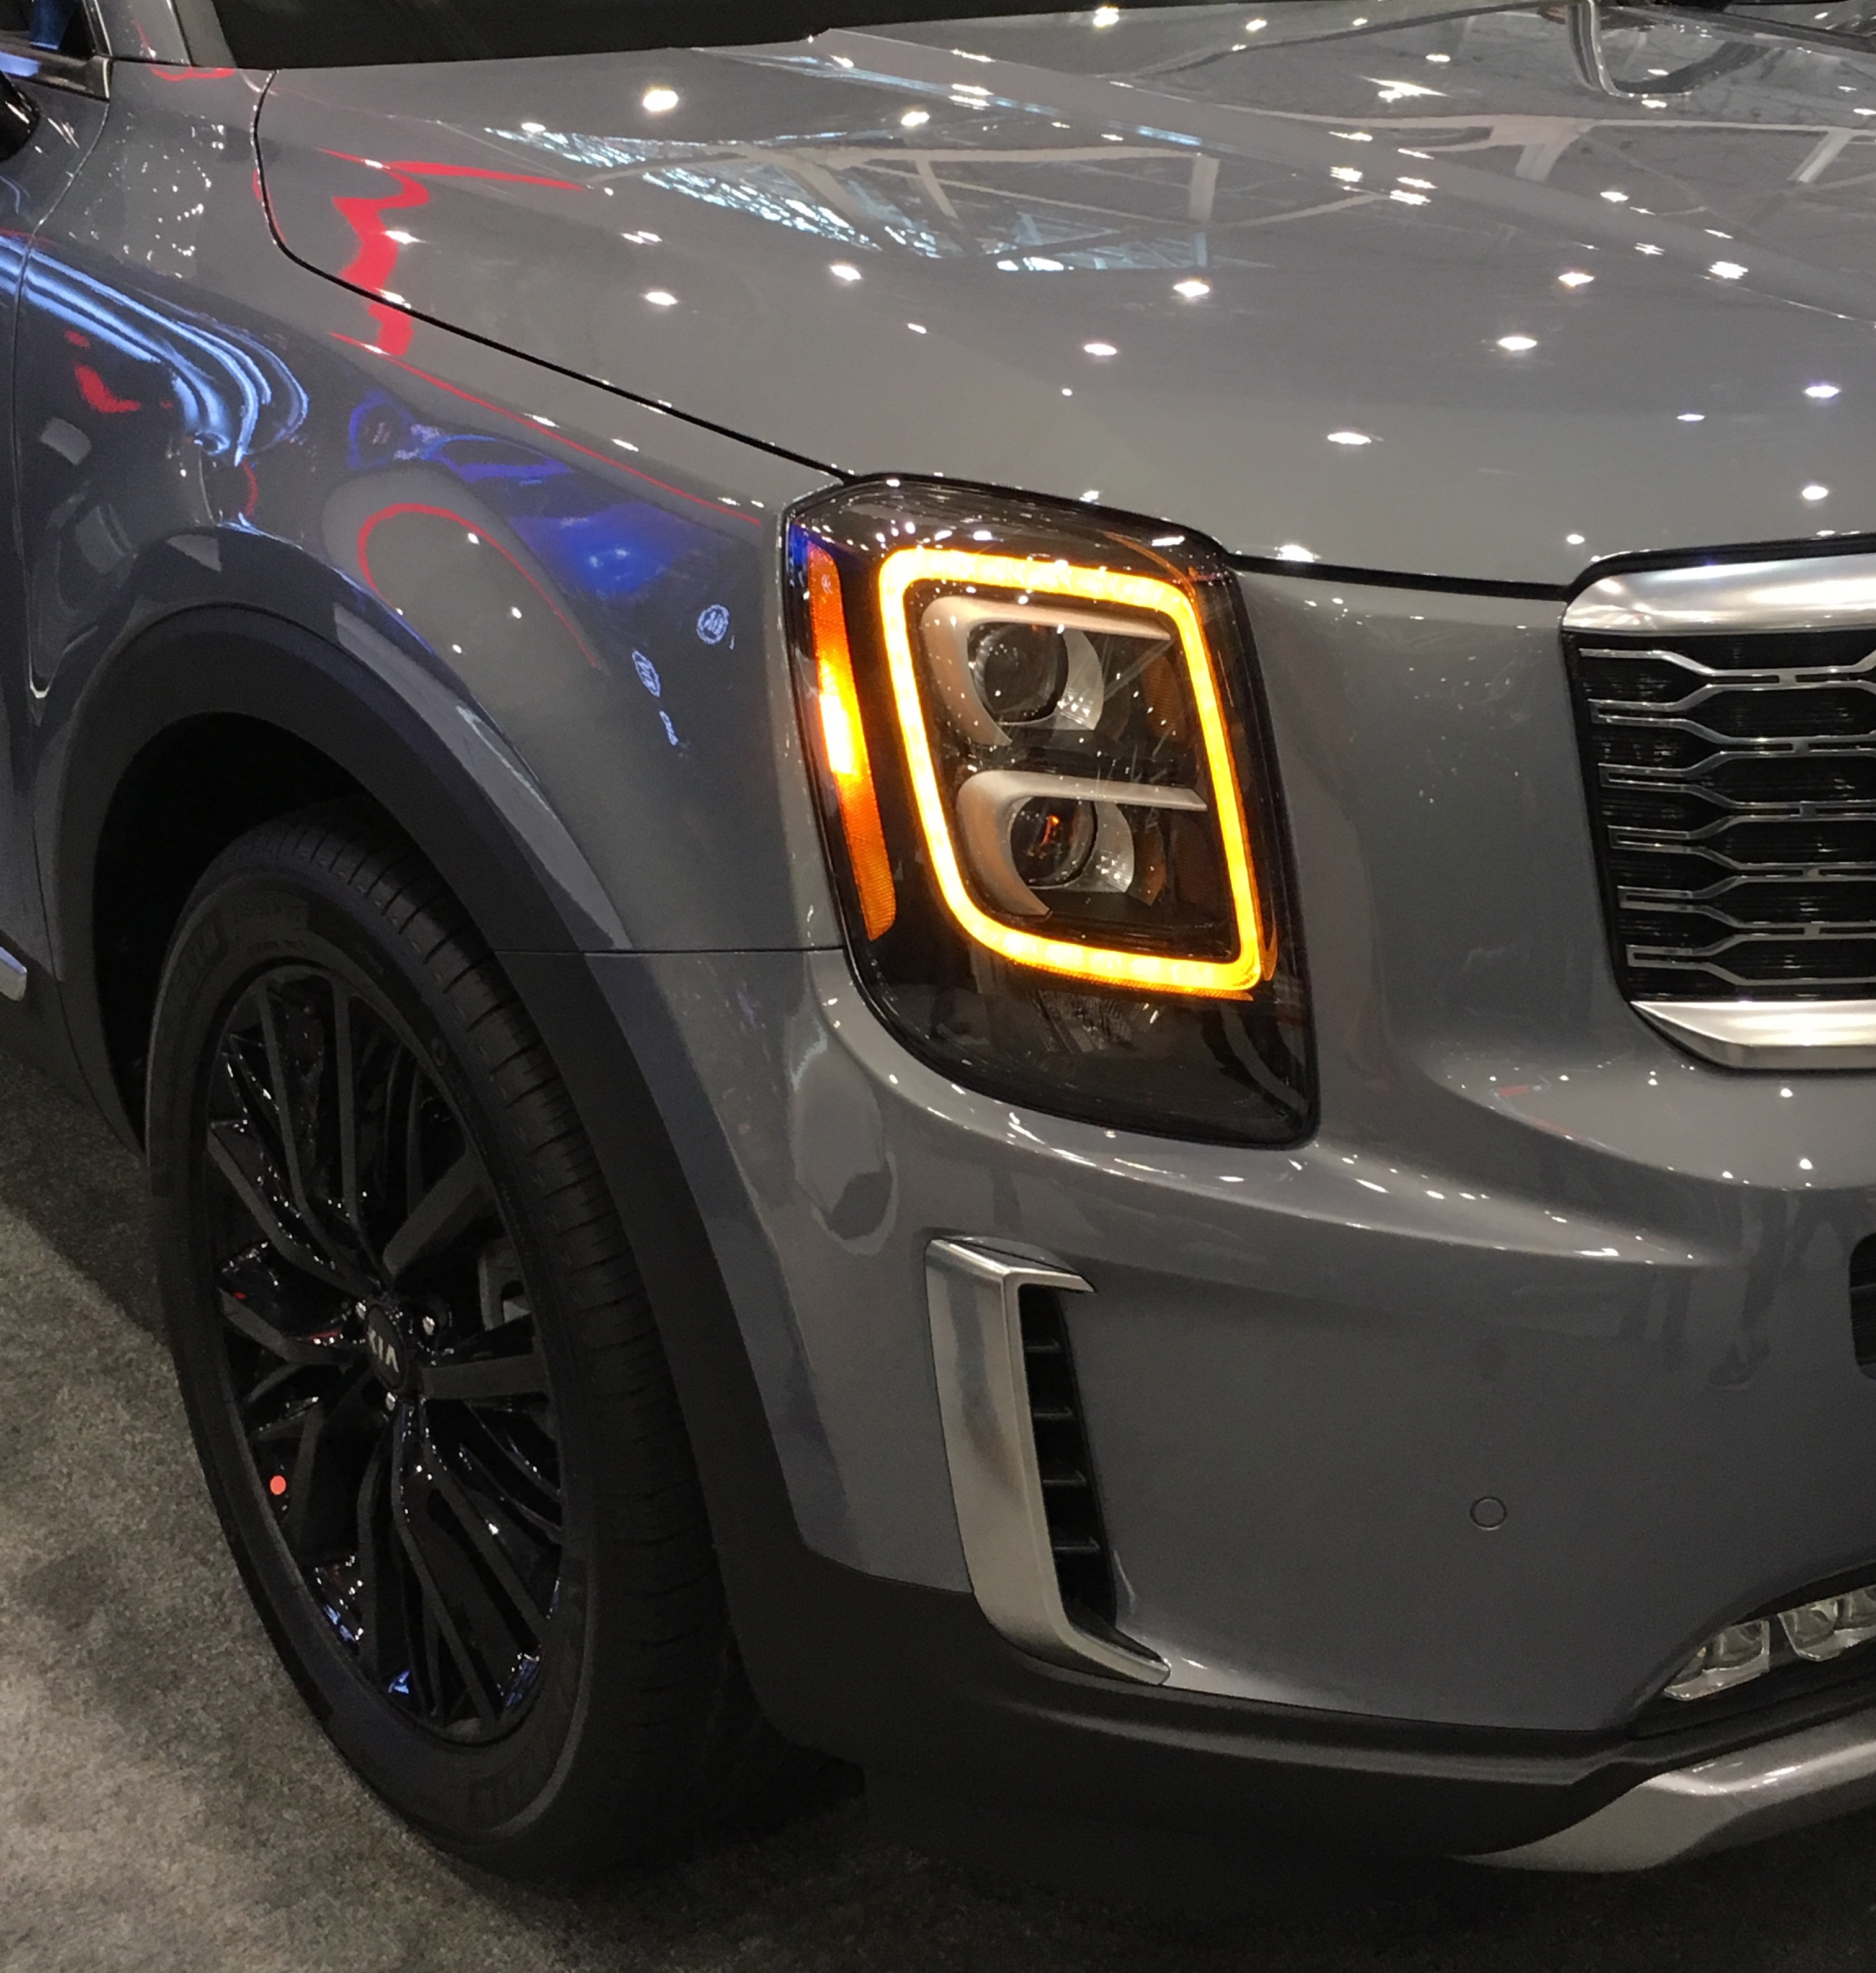 2020 Kia Telluride: File:2020 Kia Telluride, Cleveland Auto Show.jpg